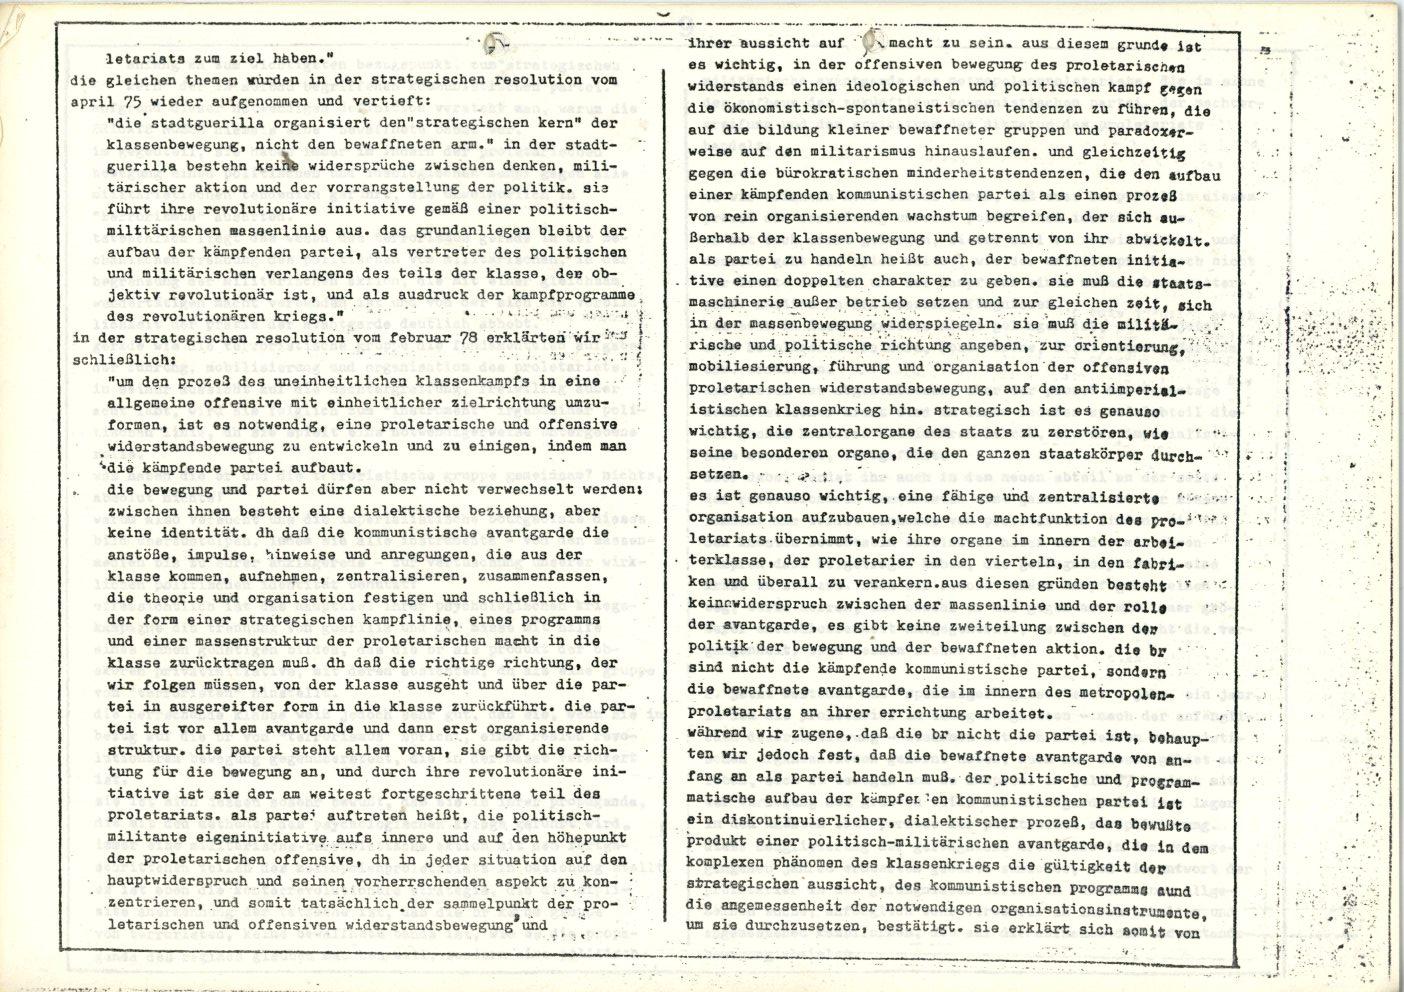 Italien_Brigate_Rosse_1982_Texte_1_23